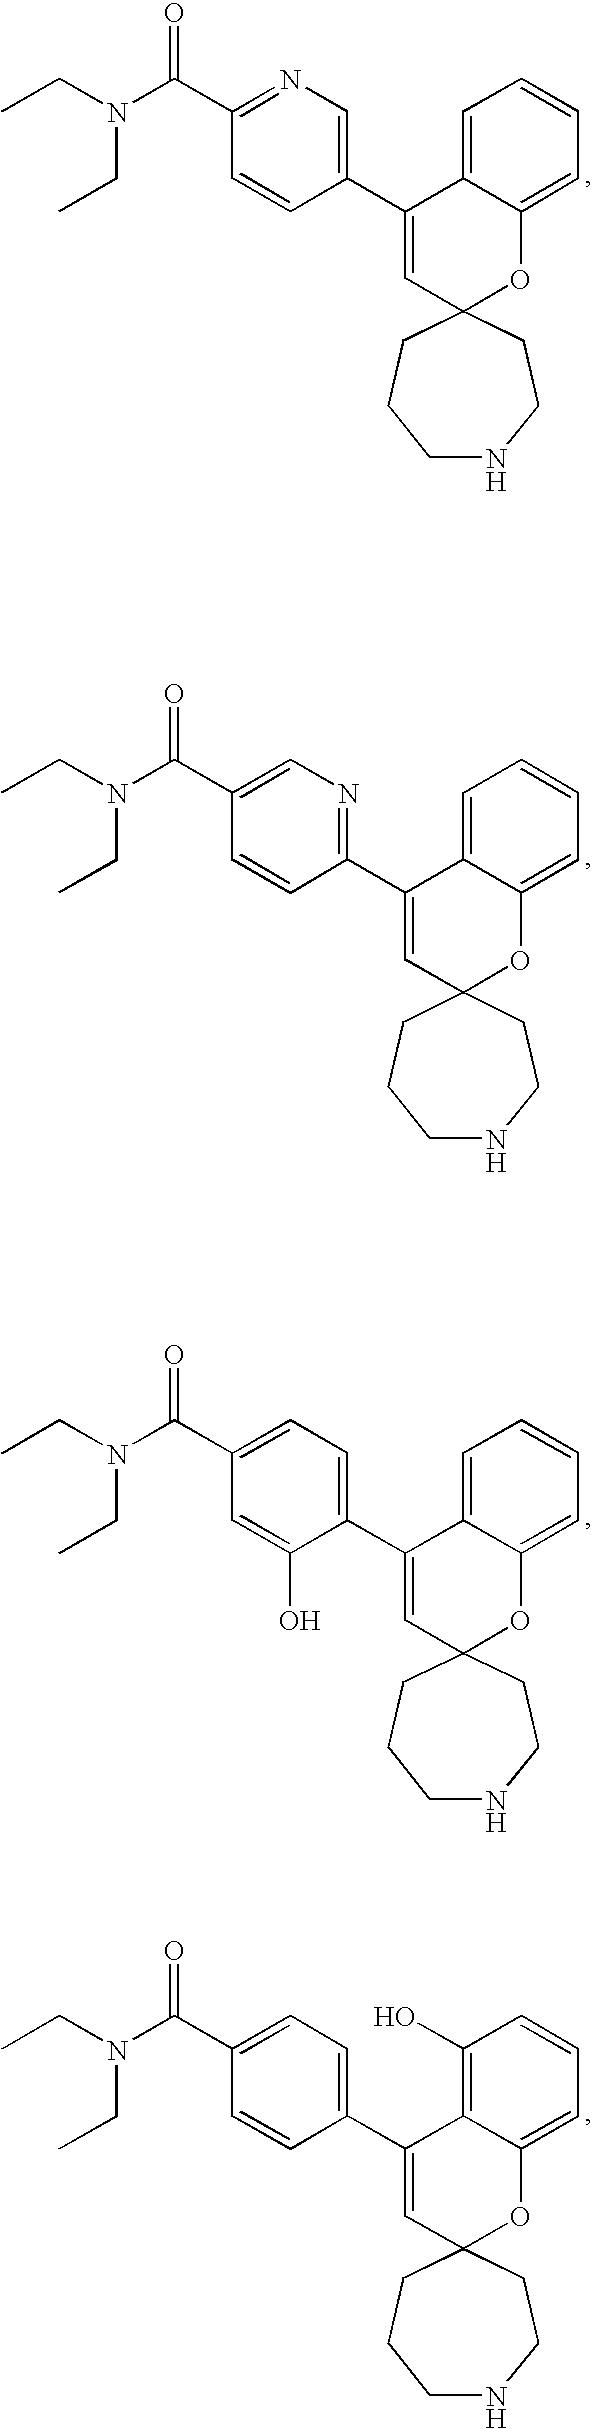 Figure US07598261-20091006-C00033